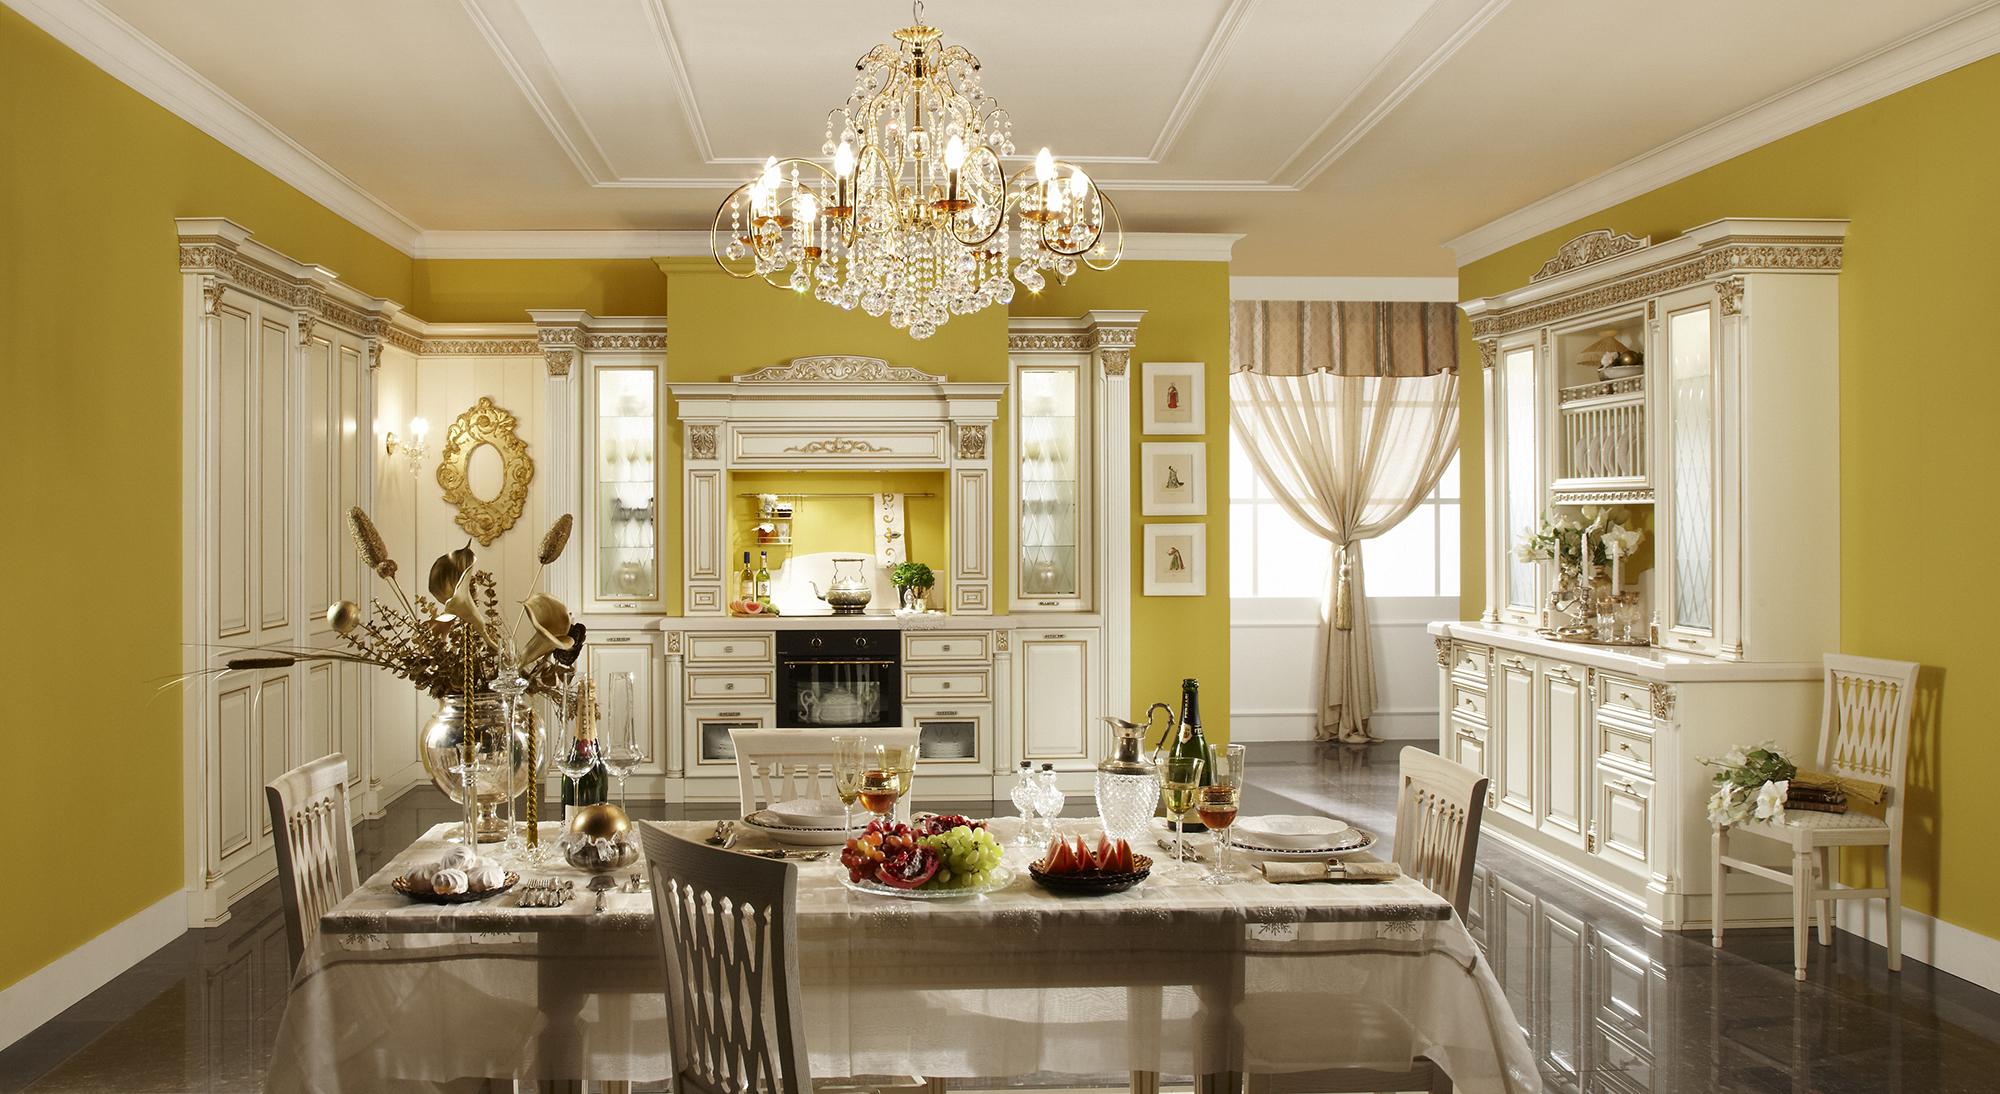 Белый, черный, золотистый и желтый цвета в интерьере классической кухни